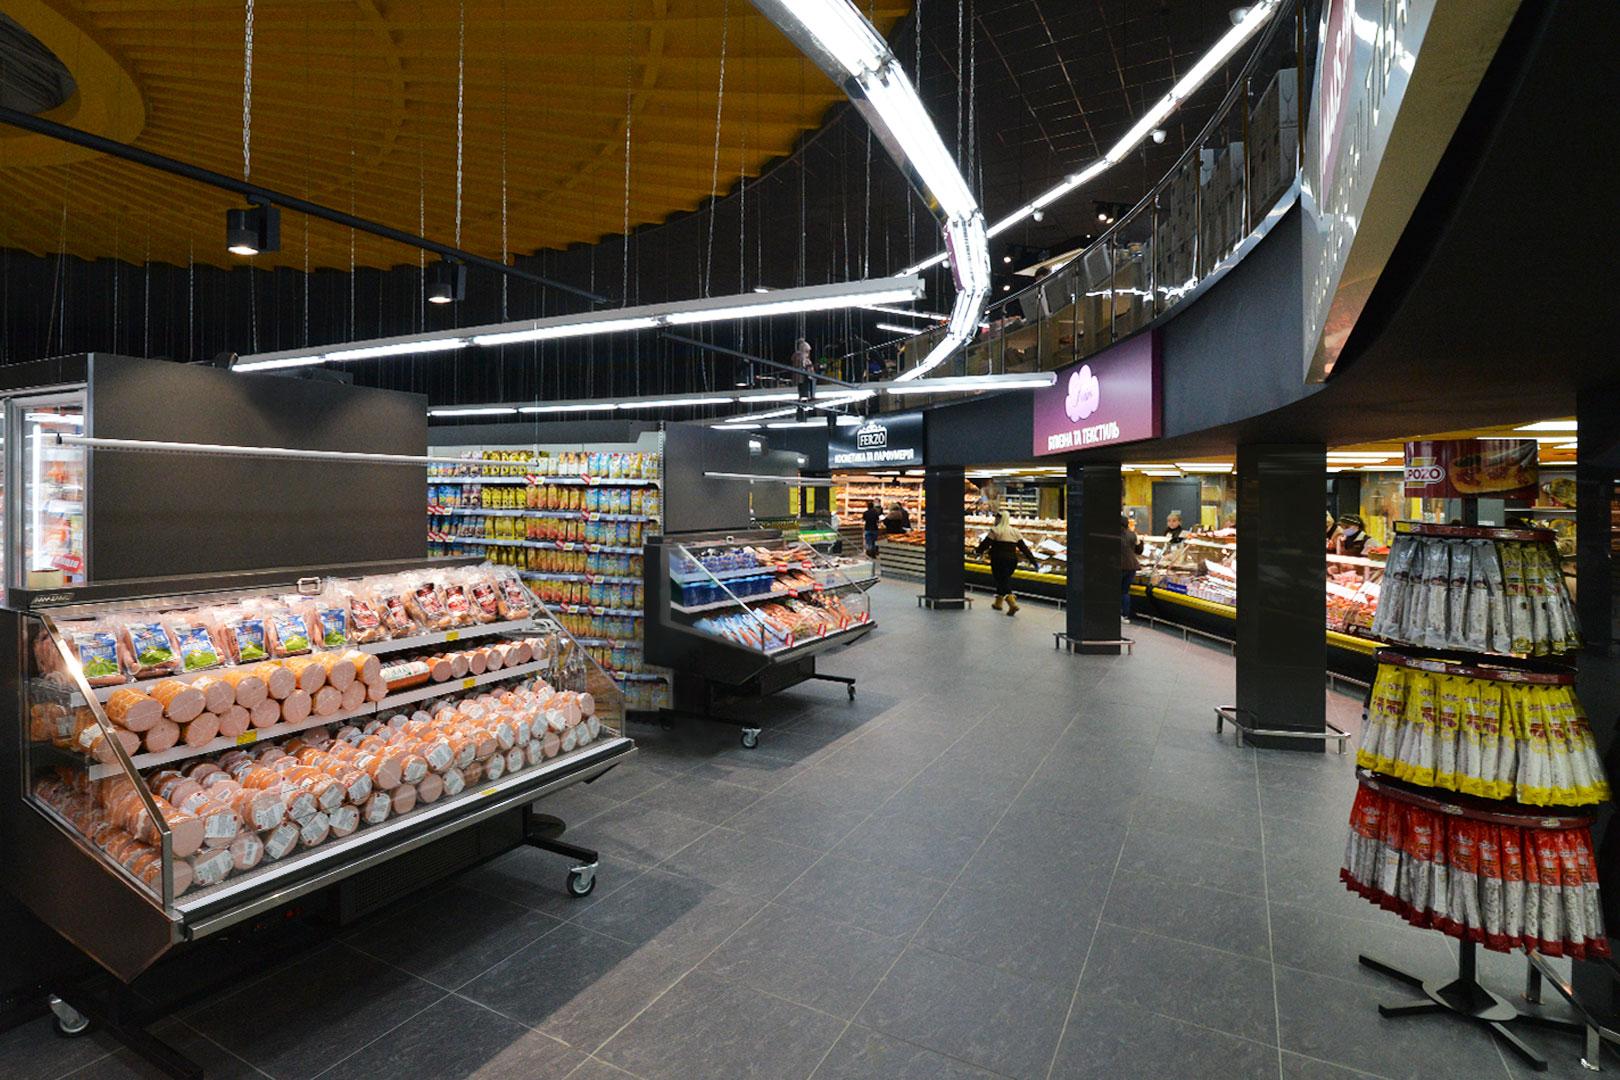 """Промоціональні вітрини Missouri promo MC 100 deli self 140-DLA в супермаркете """"Рост"""""""